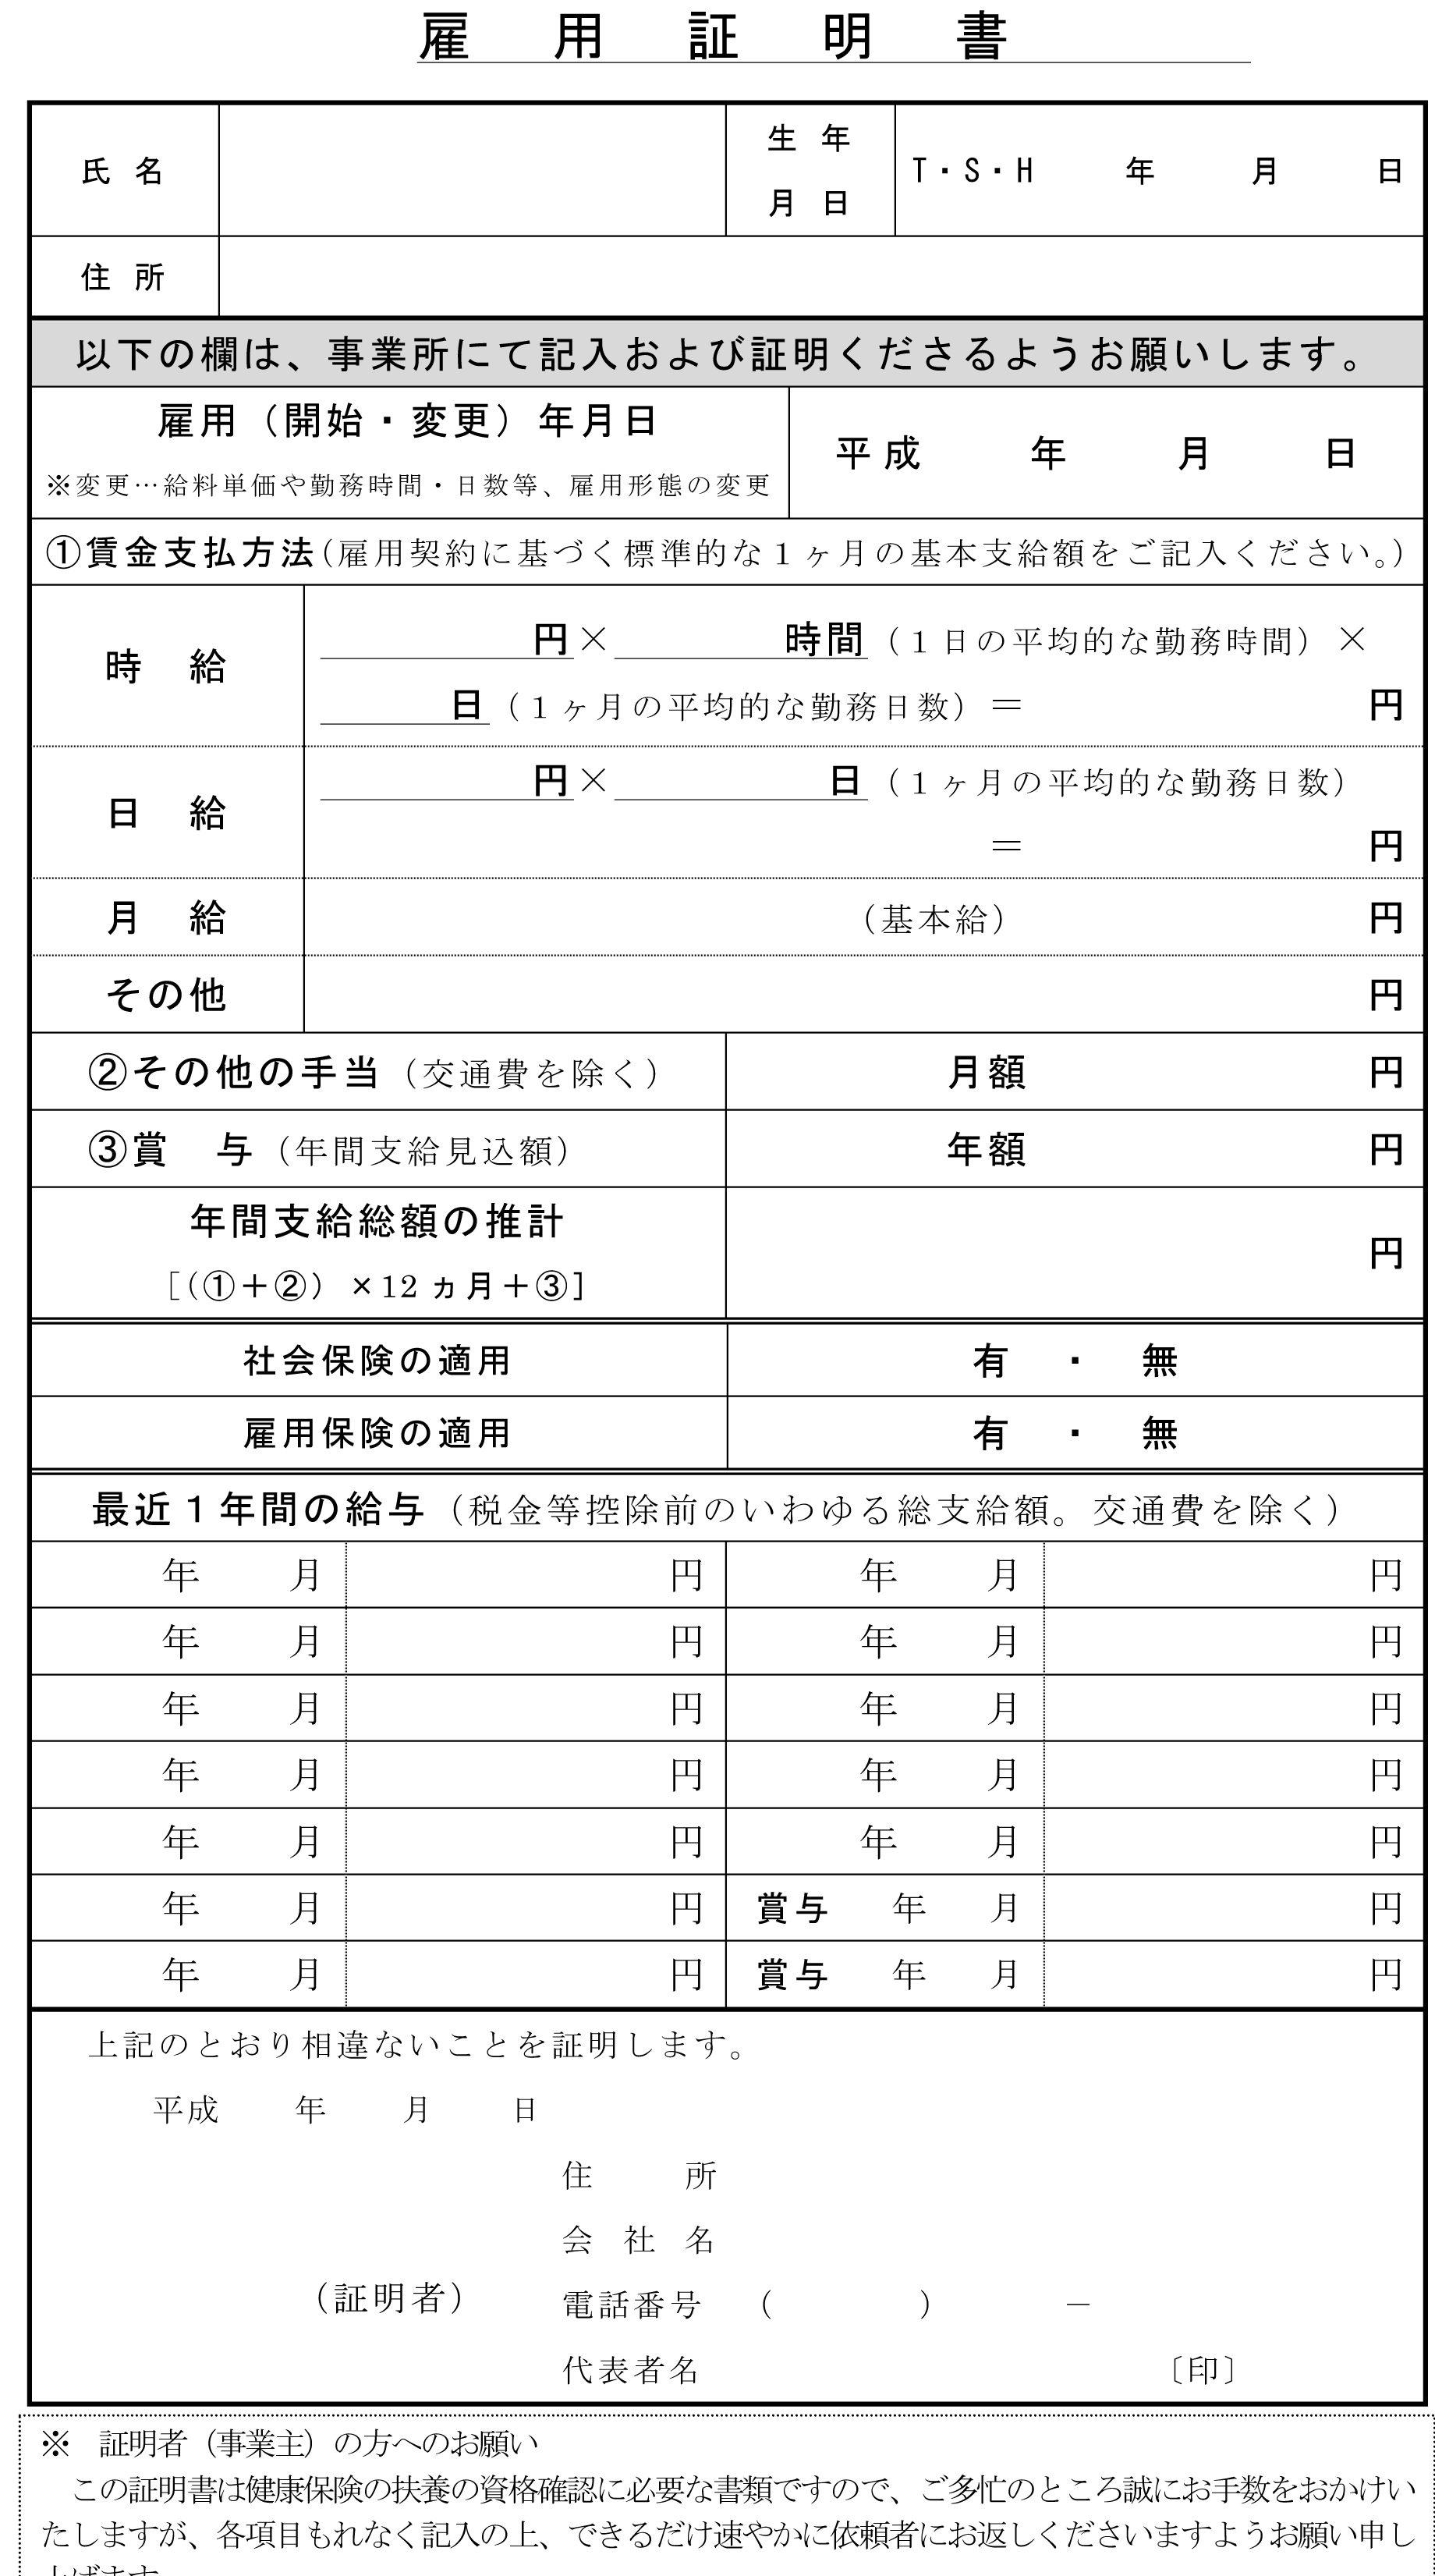 雇用証明書03